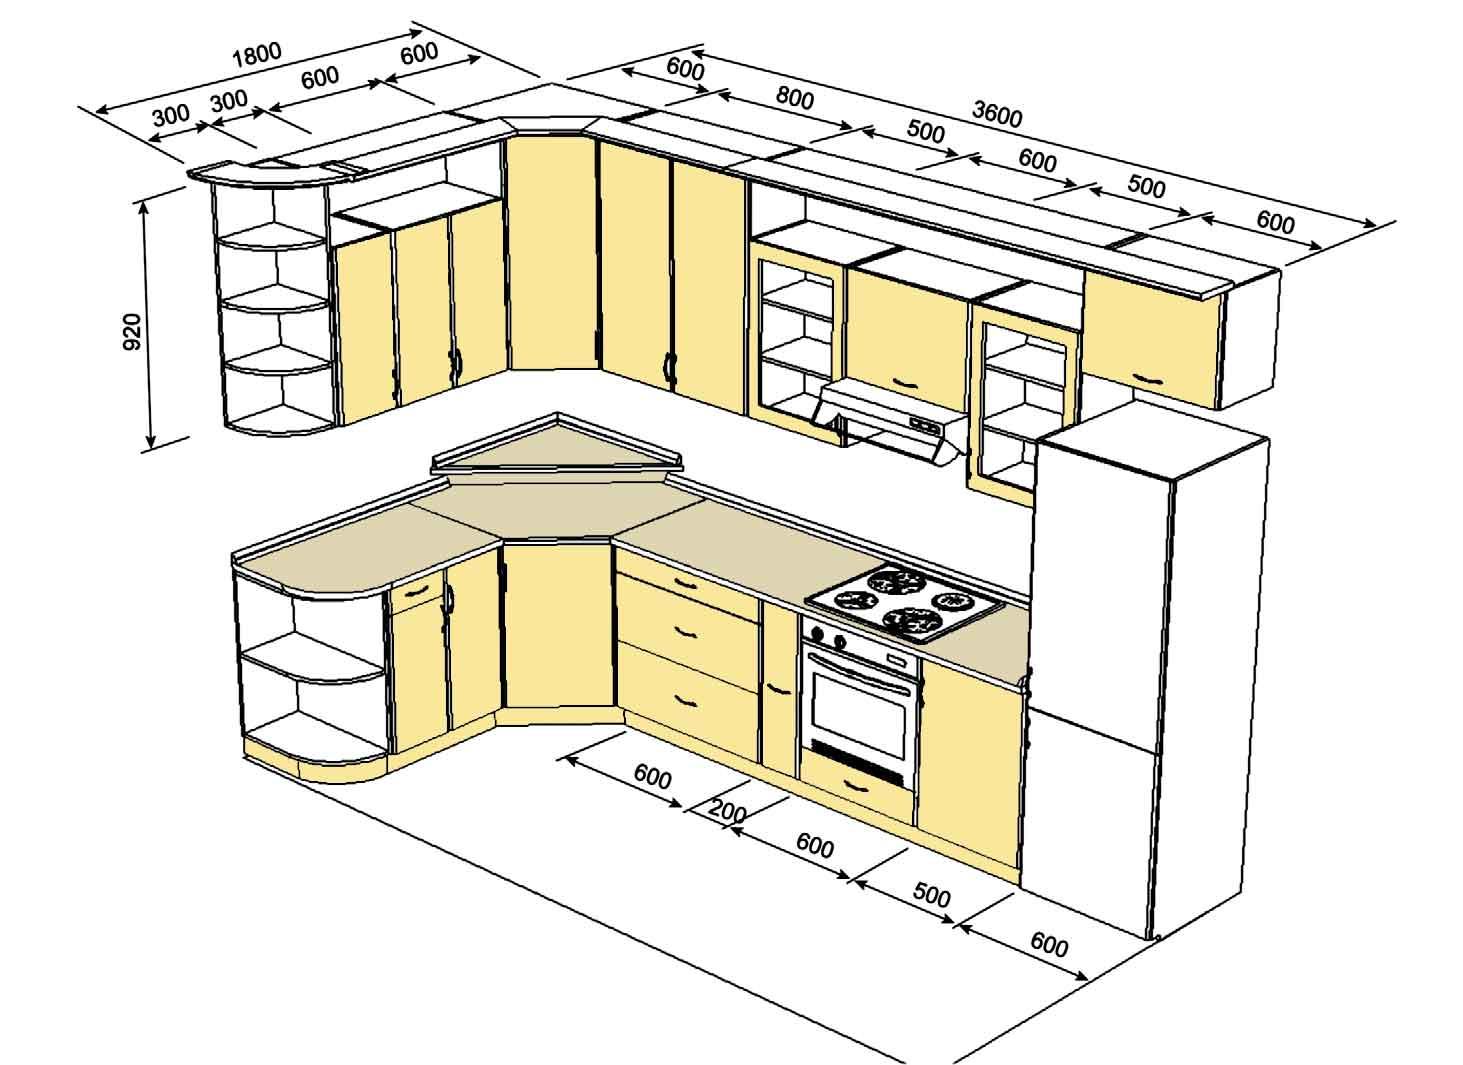 Кухонный гарнитур — важнейший элемент оснащения комнаты, поэтому его структуру проработайте на чертеже особо тщательно.